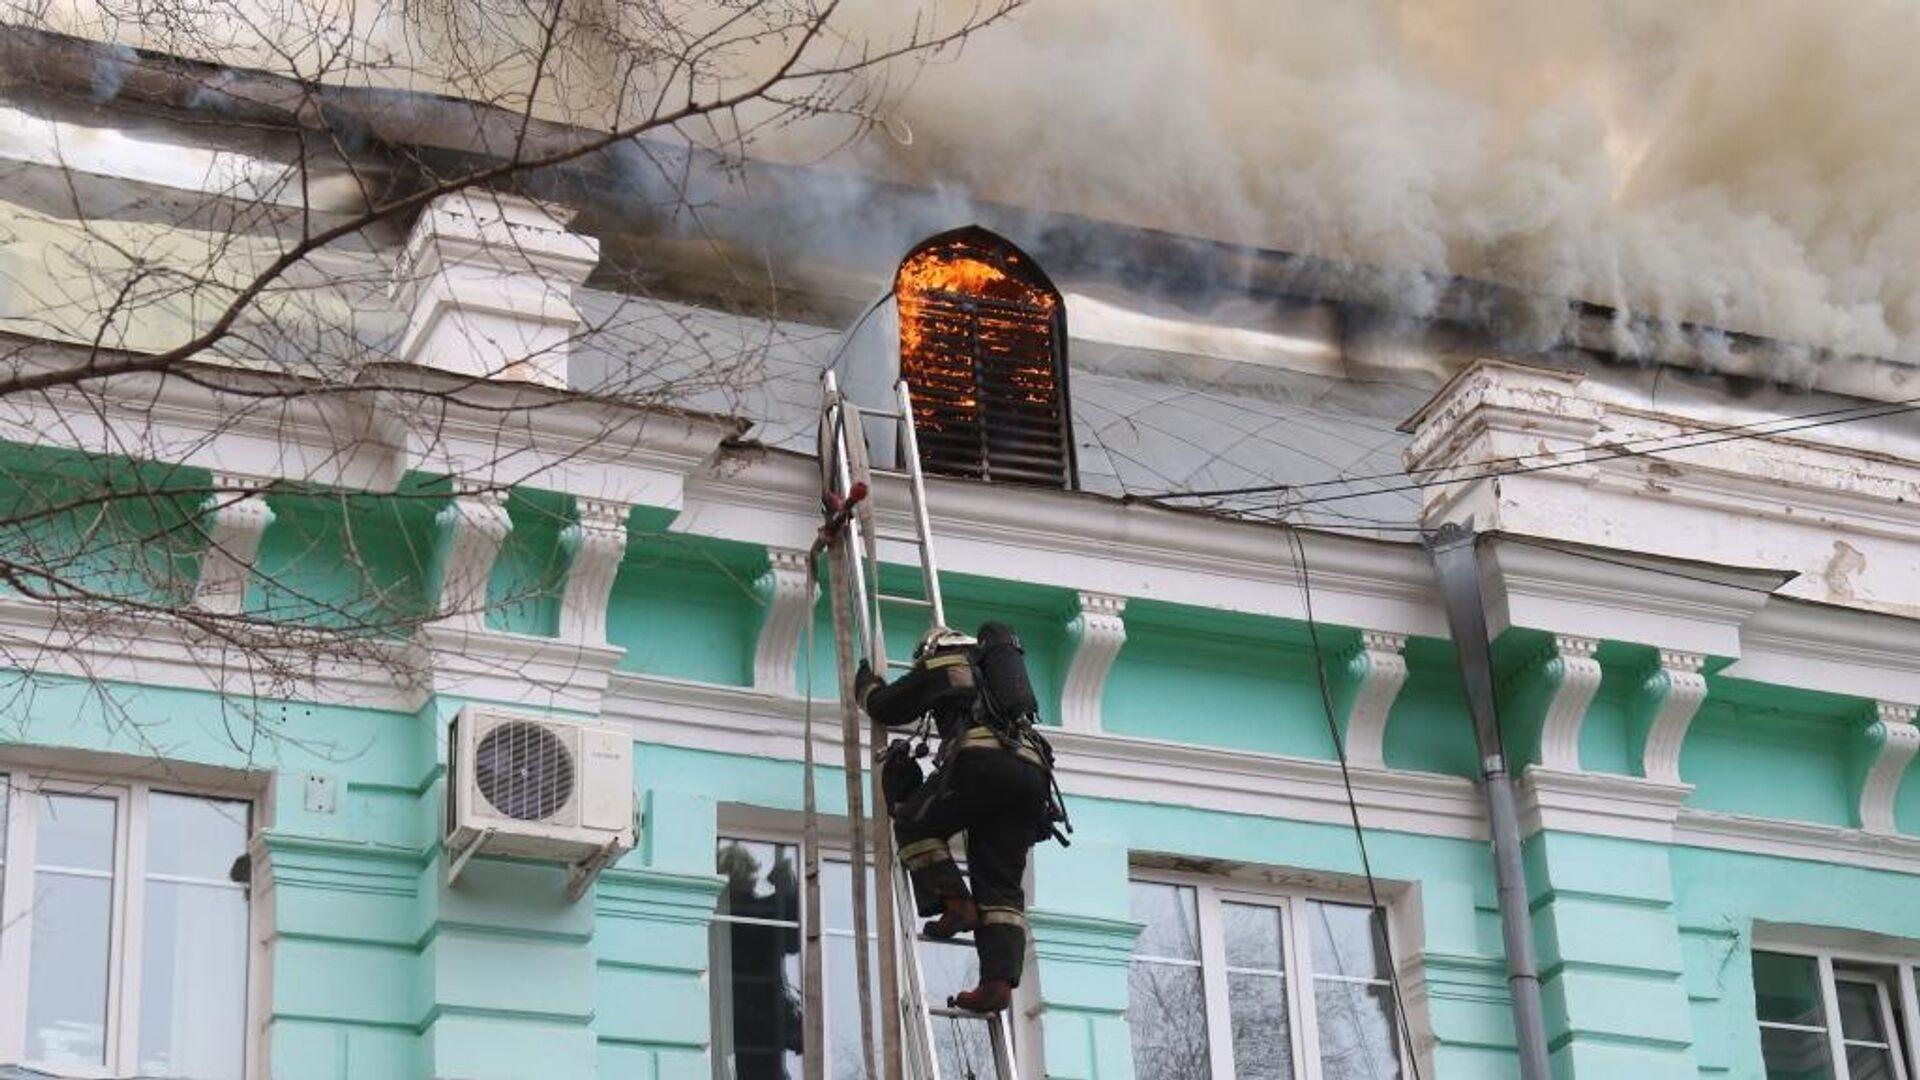 Пожар в кардиохирургическом центре в Благовещенске - РИА Новости, 1920, 04.04.2021